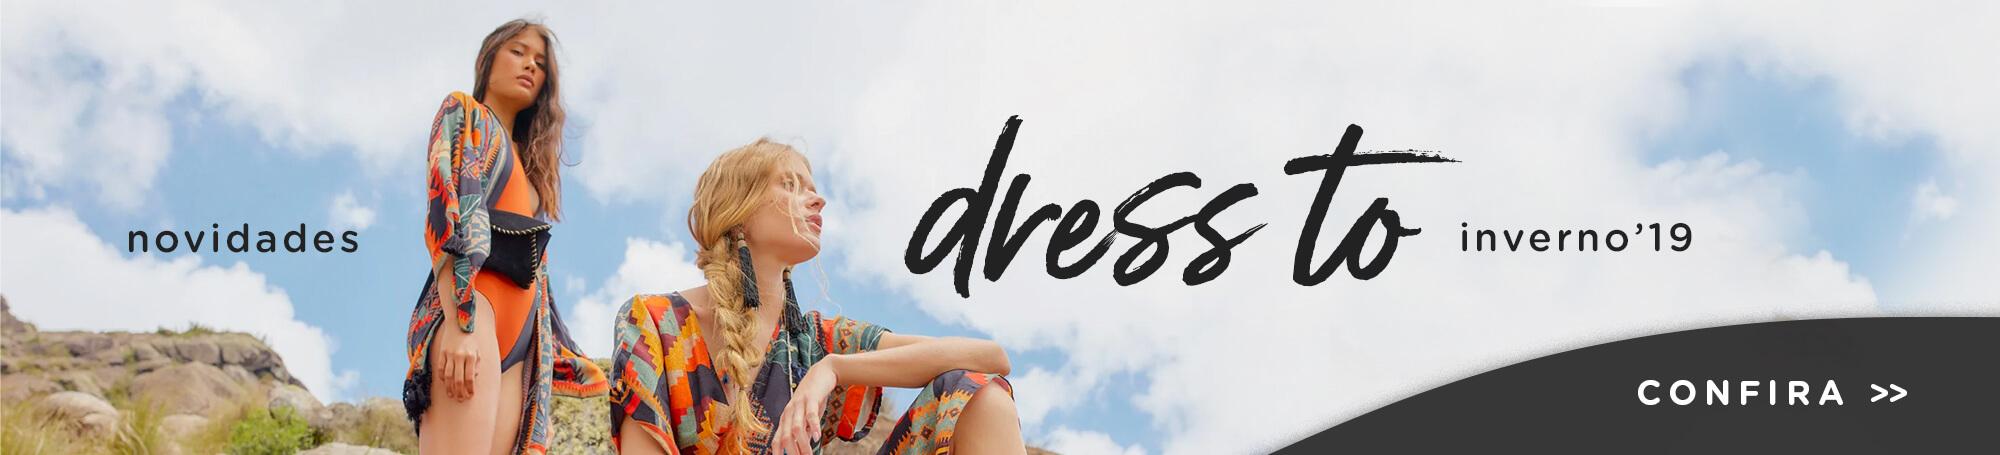 Dress To